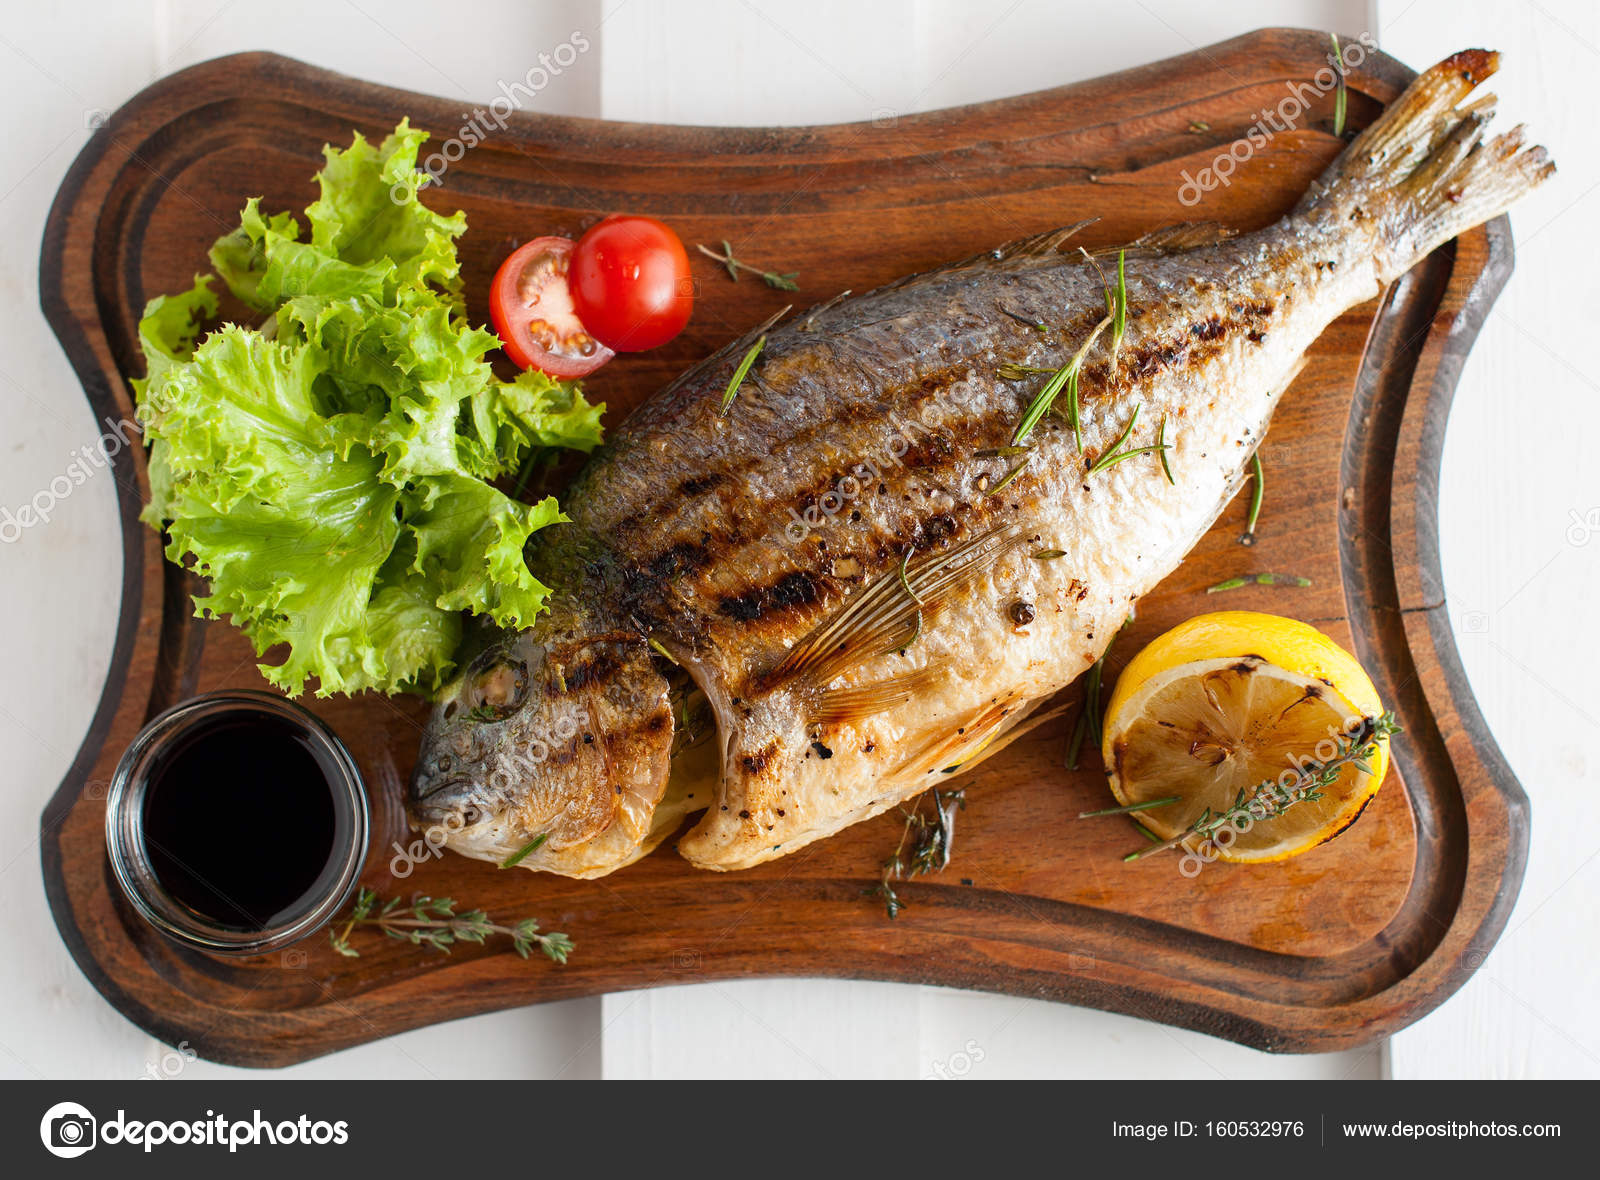 レモン サラダ ソース チェリー トマトの木の板の魚ドラド グリル